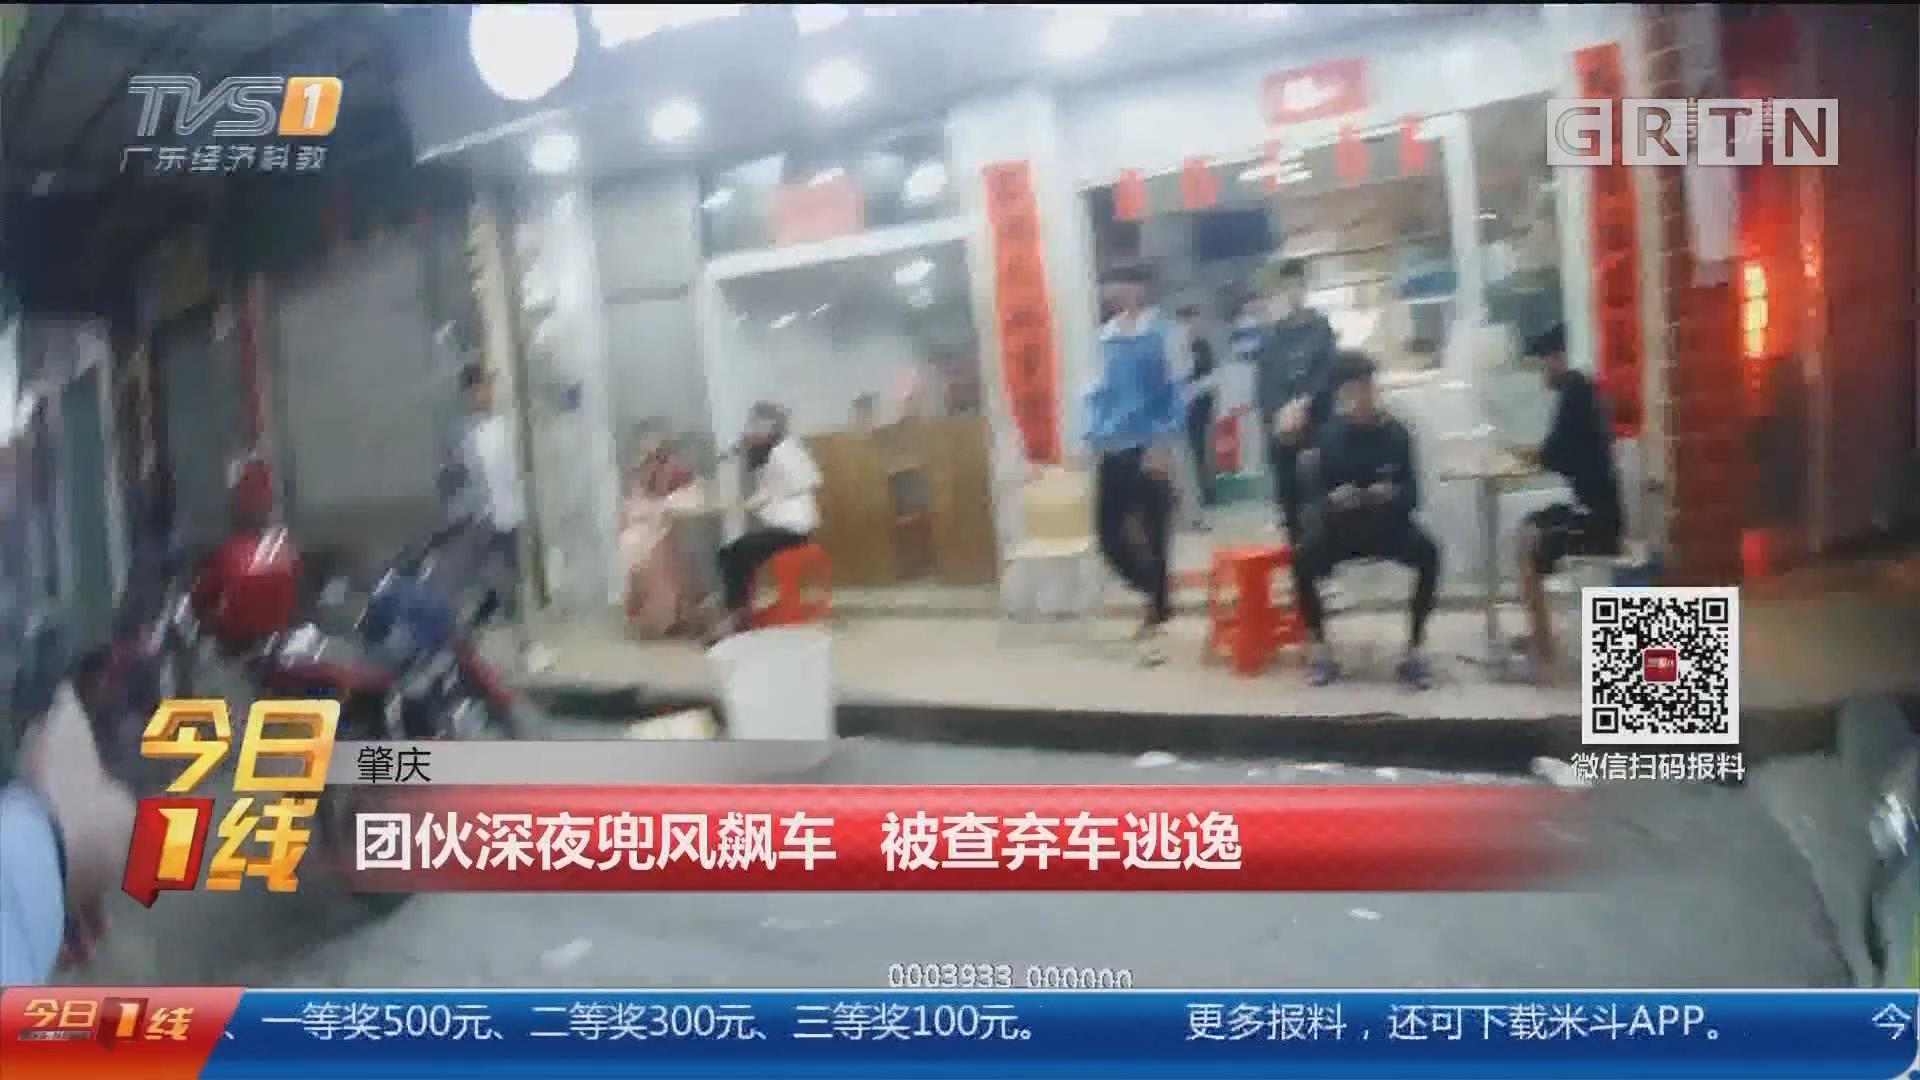 肇庆:团伙深夜兜风飙车 被查弃车逃逸